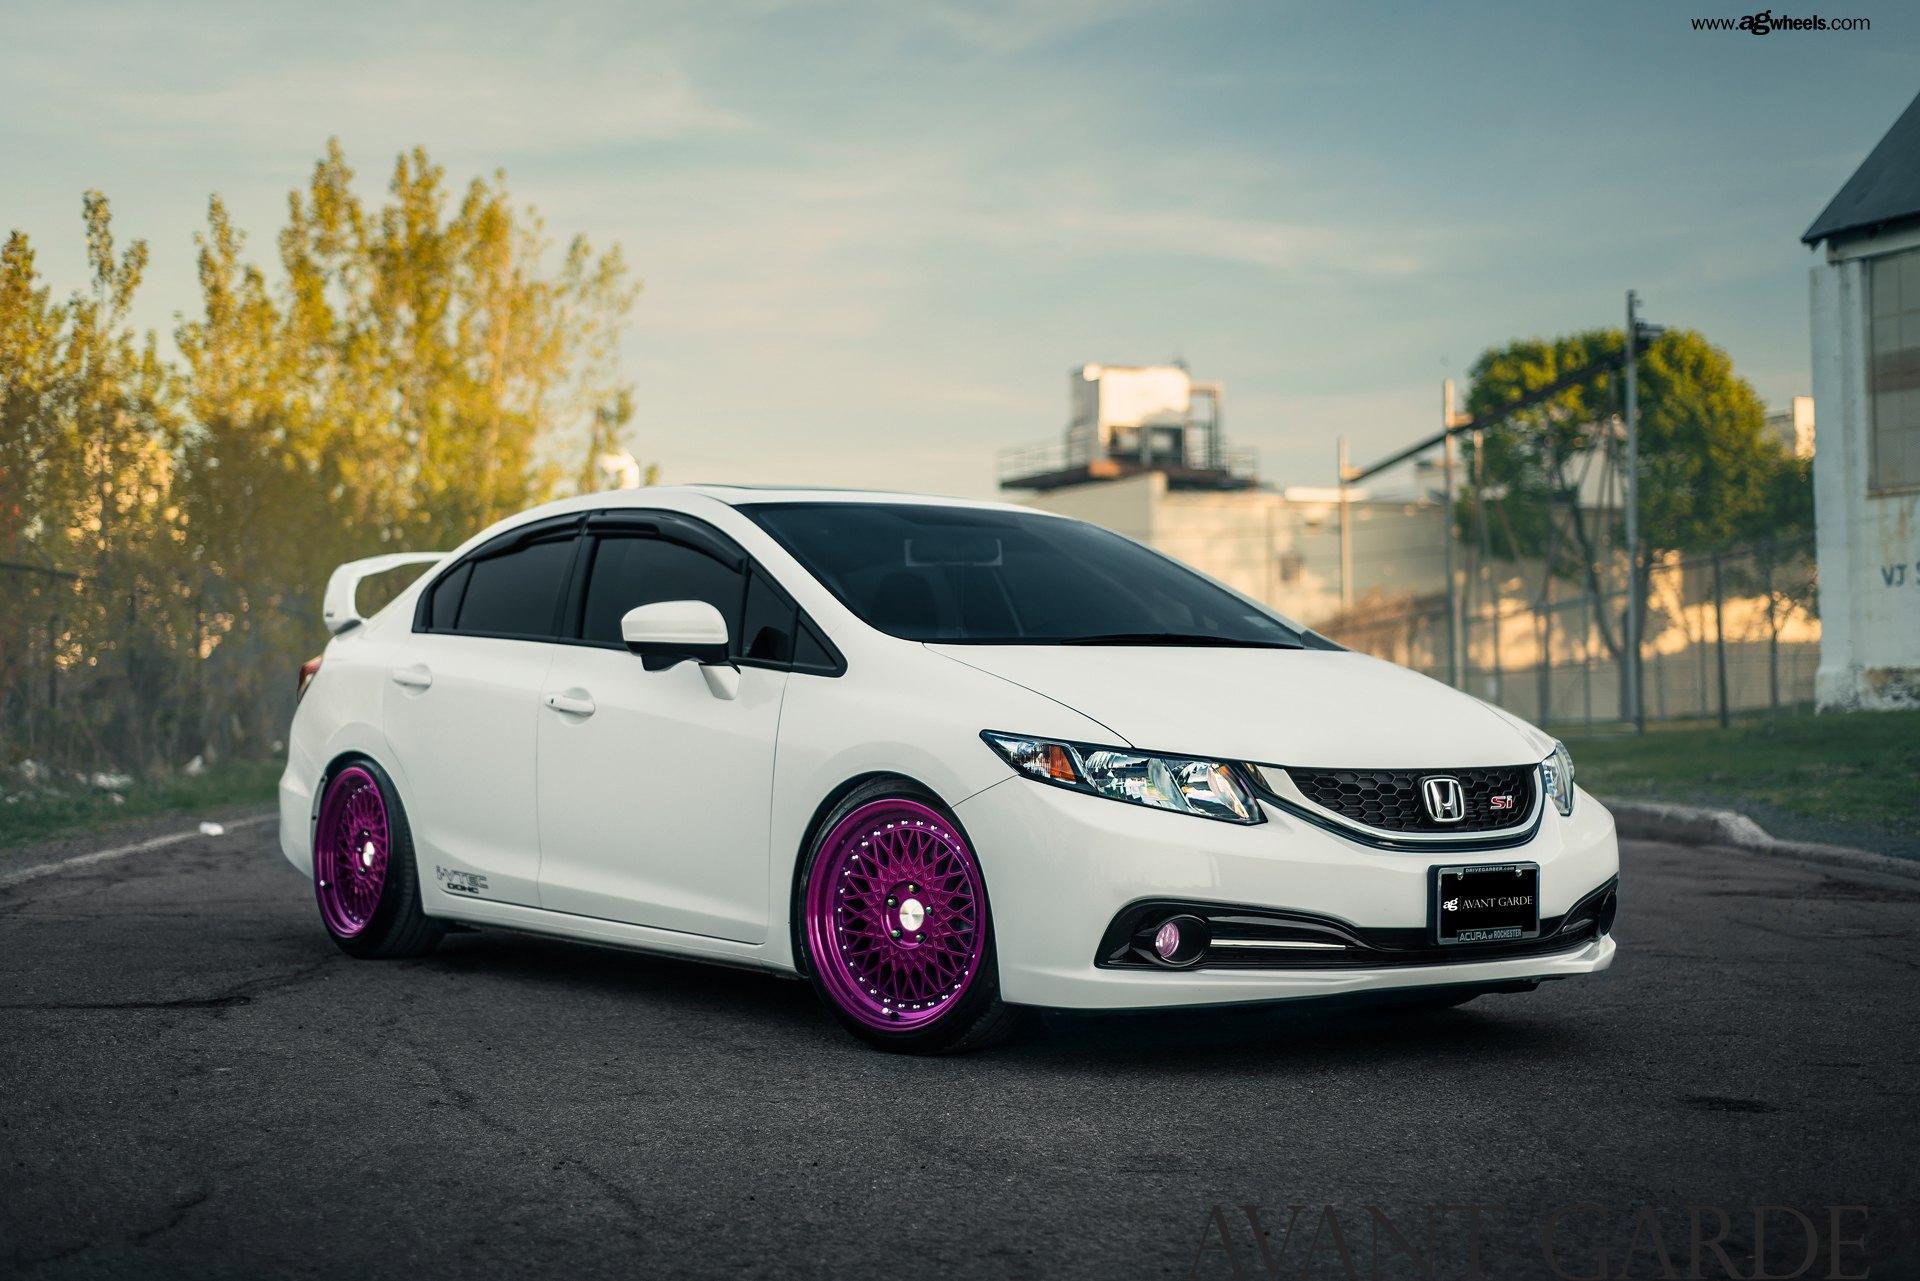 Honda civic si white slammed trendy burgundy lion jon for Cool honda civic